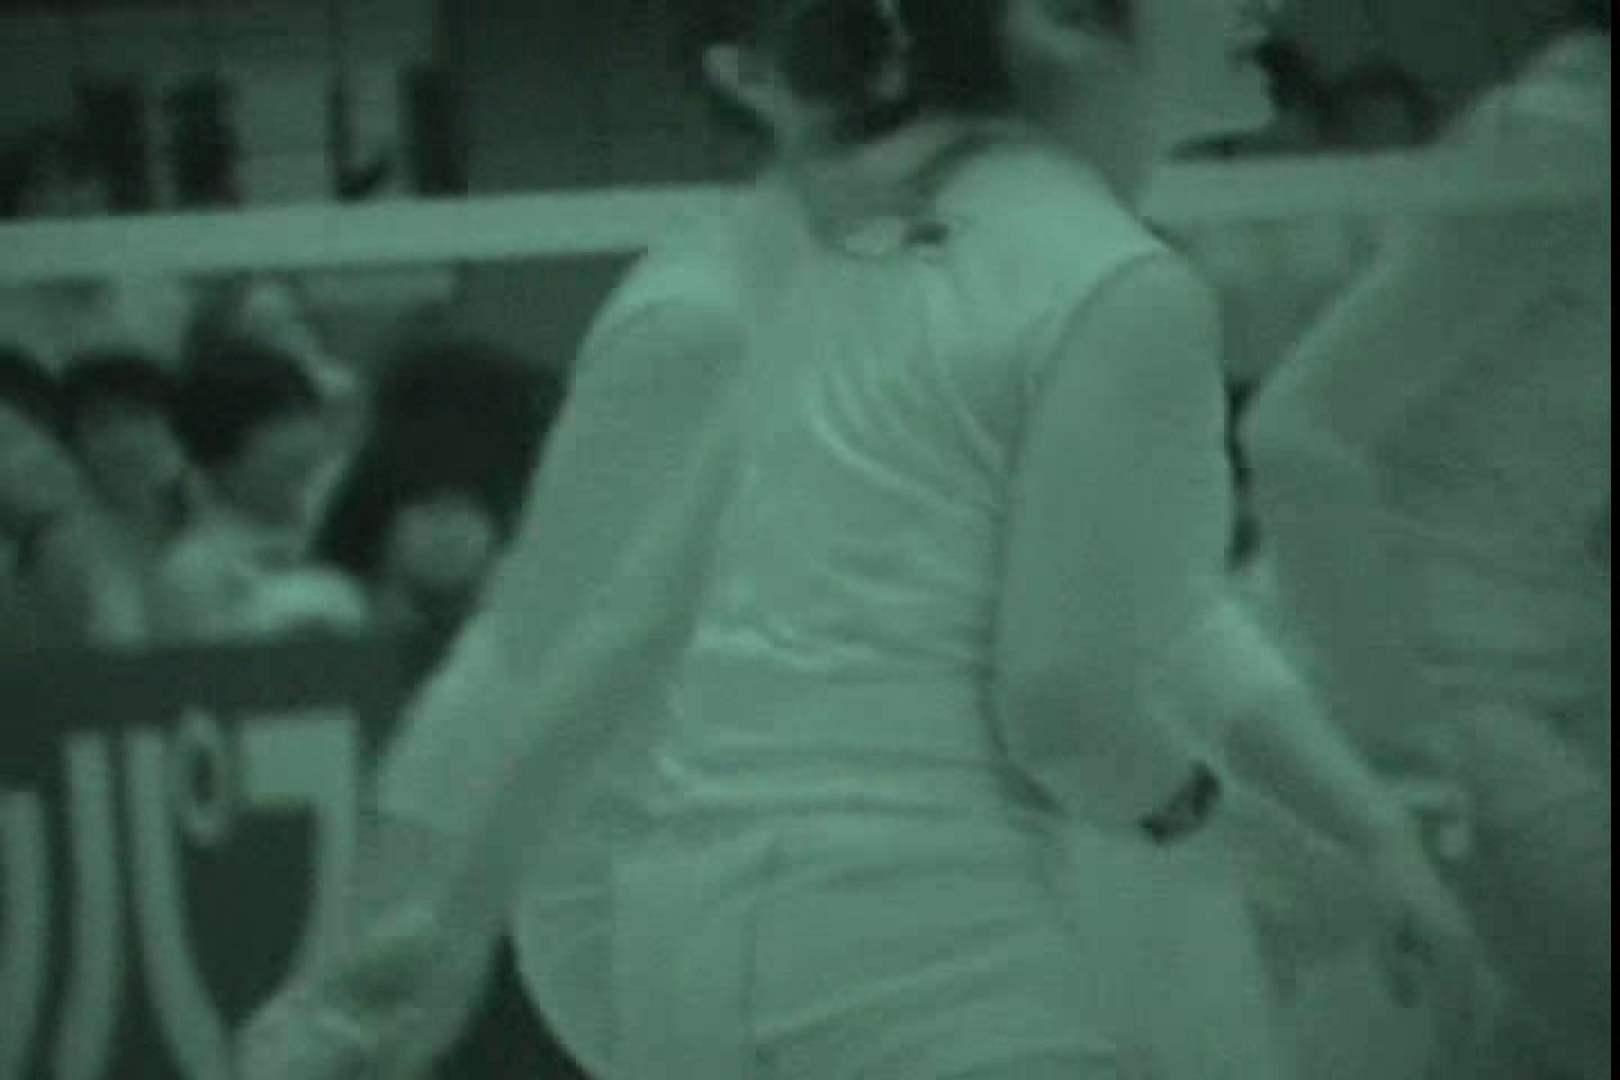 赤外線ムレスケバレー(汗) vol.09 OL女体 おめこ無修正動画無料 92連発 90